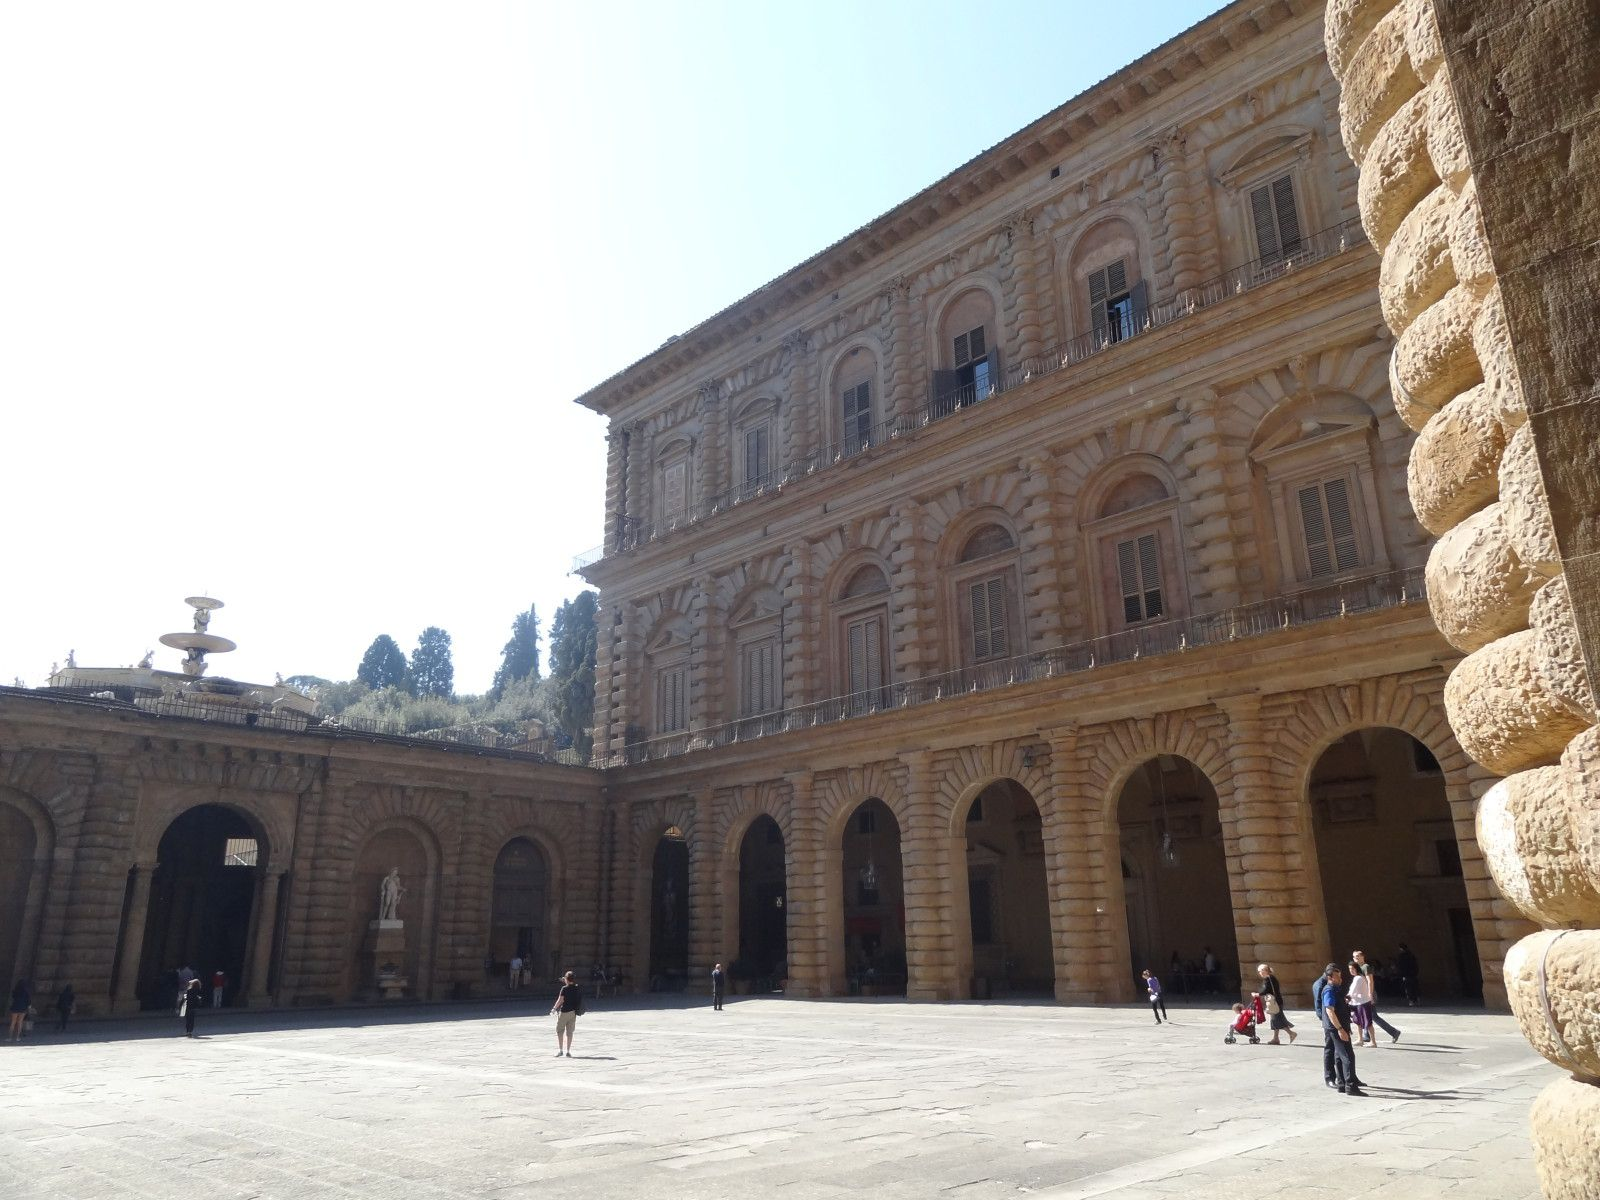 Mars 2012, 44 Premières L de l'Iroise découvrent la Toscane, berceau de la Renaissance et de l'humanisme : Livourne, Pise, Florence, Lucques, Sienne.